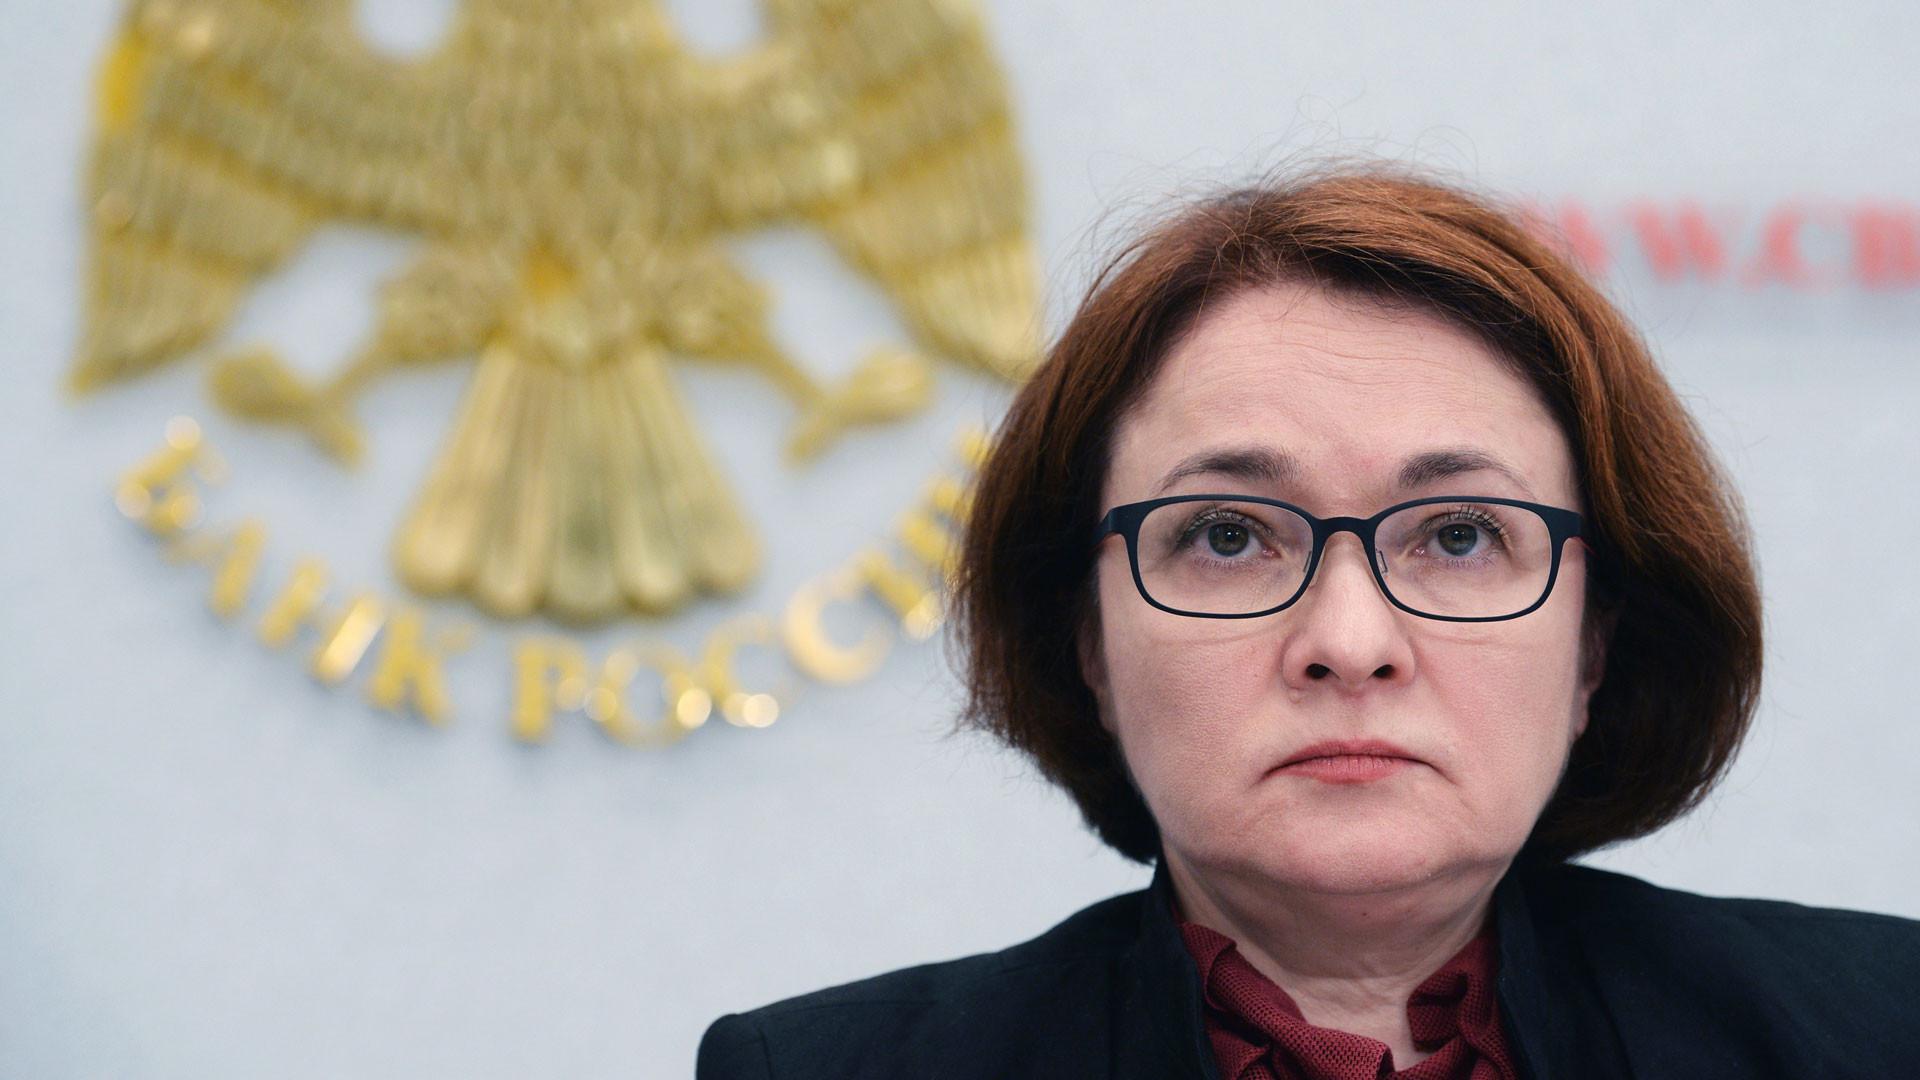 <p>Фото: &copy;&nbsp;РИА Новости/Кирилл Каллиников</p>